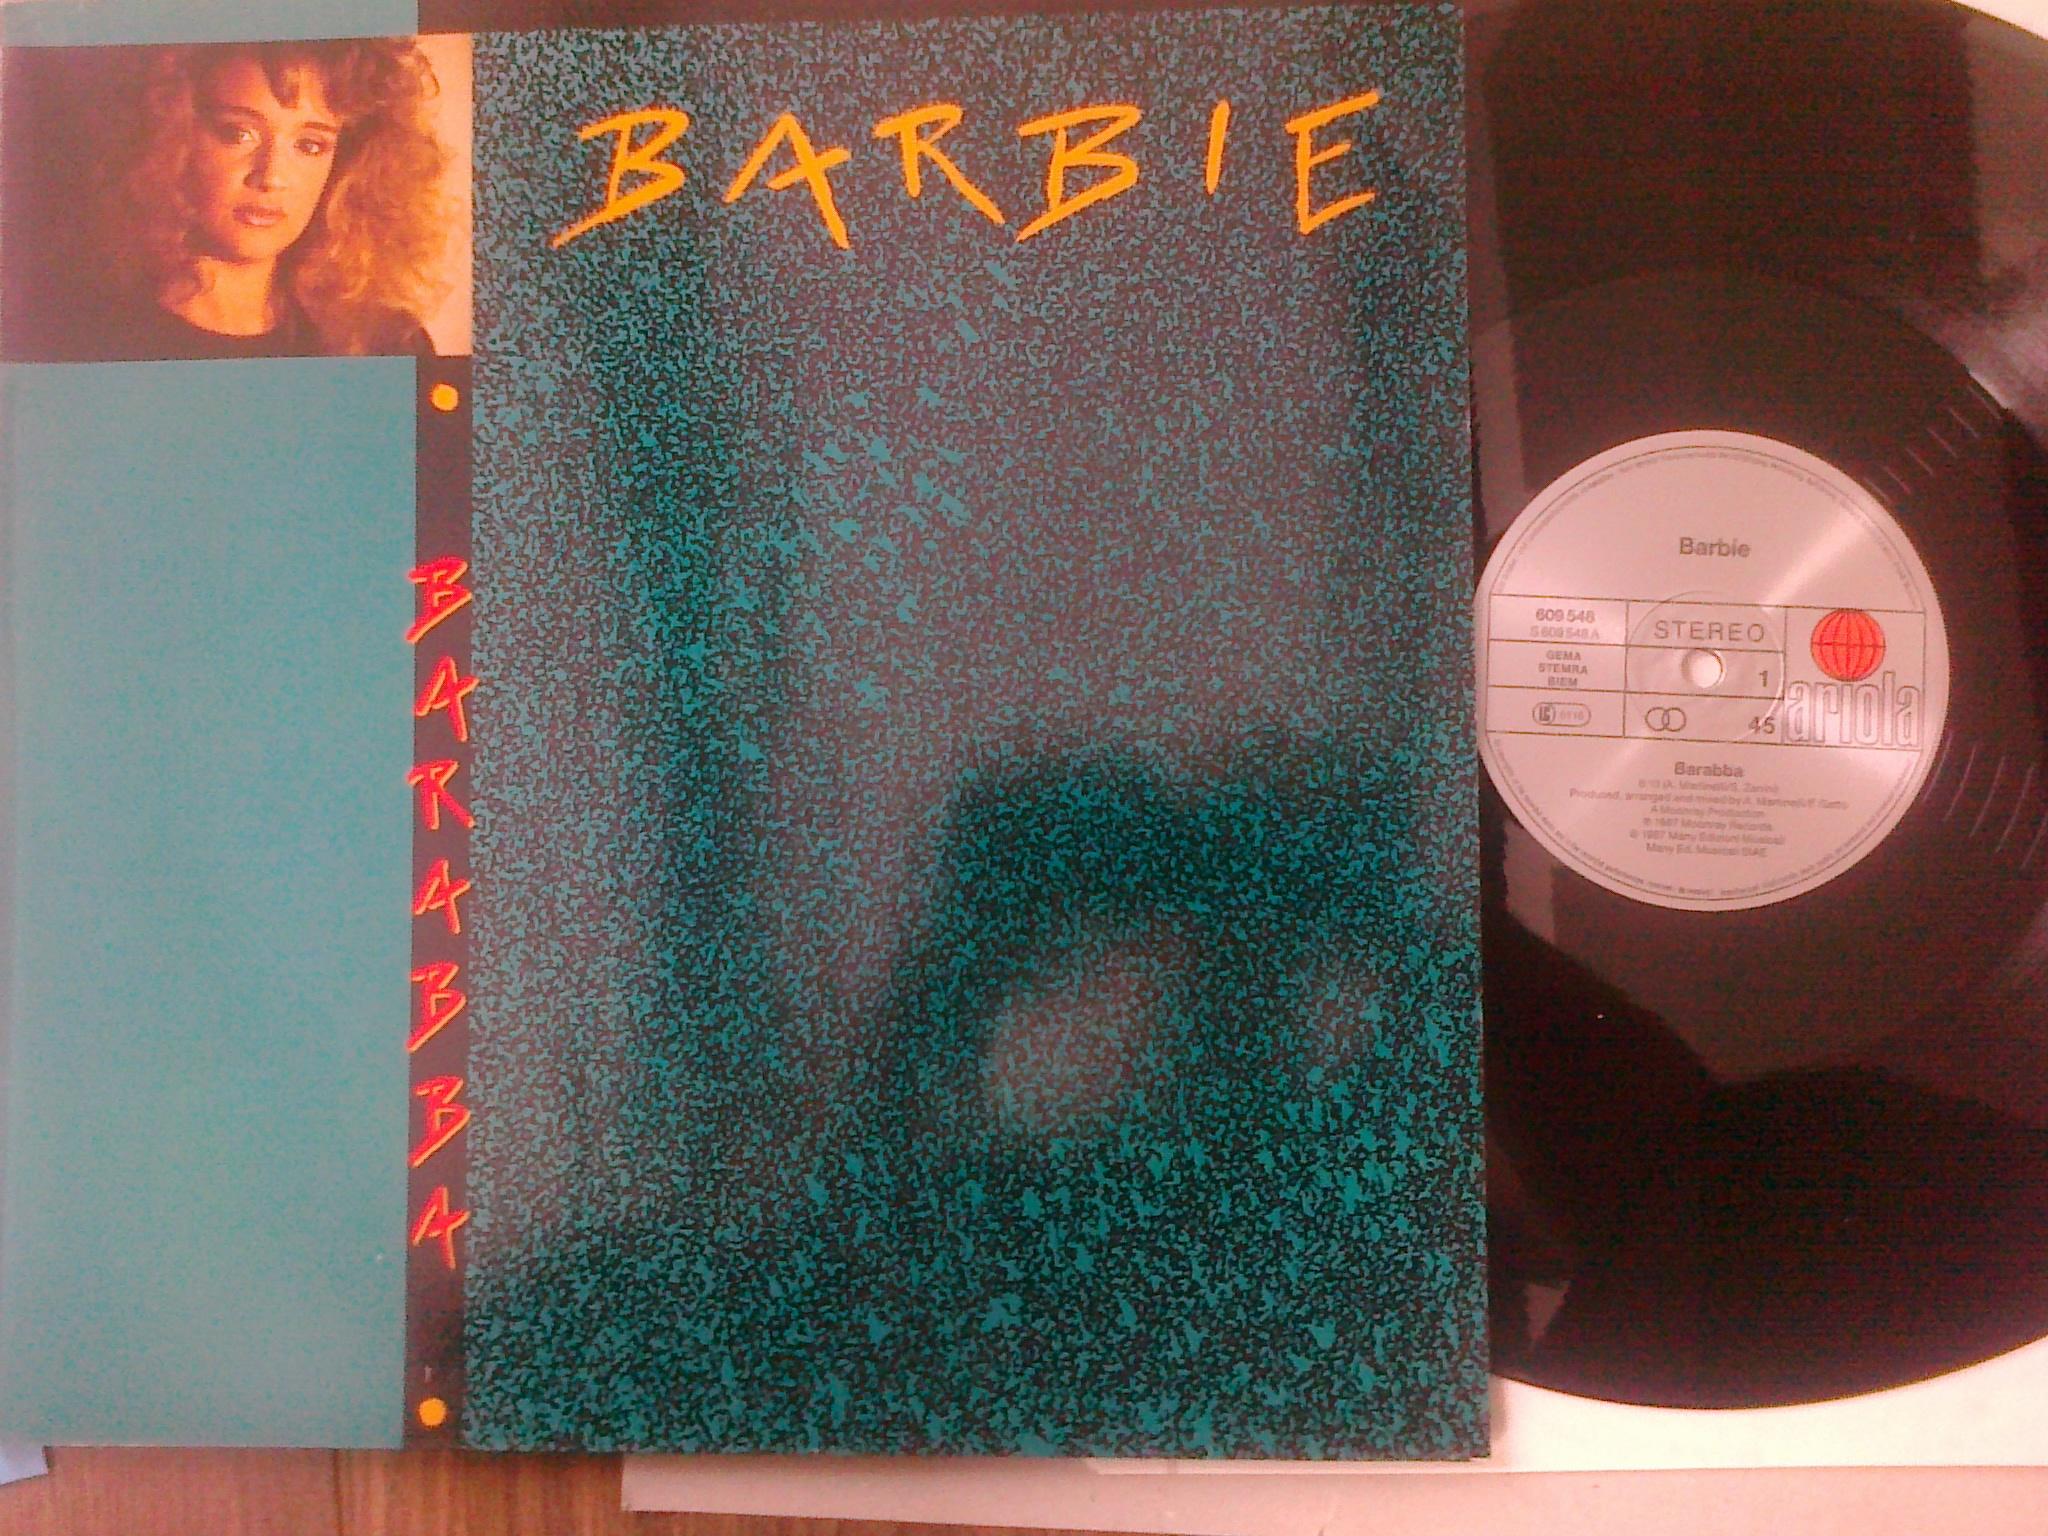 Barbie - Barabba